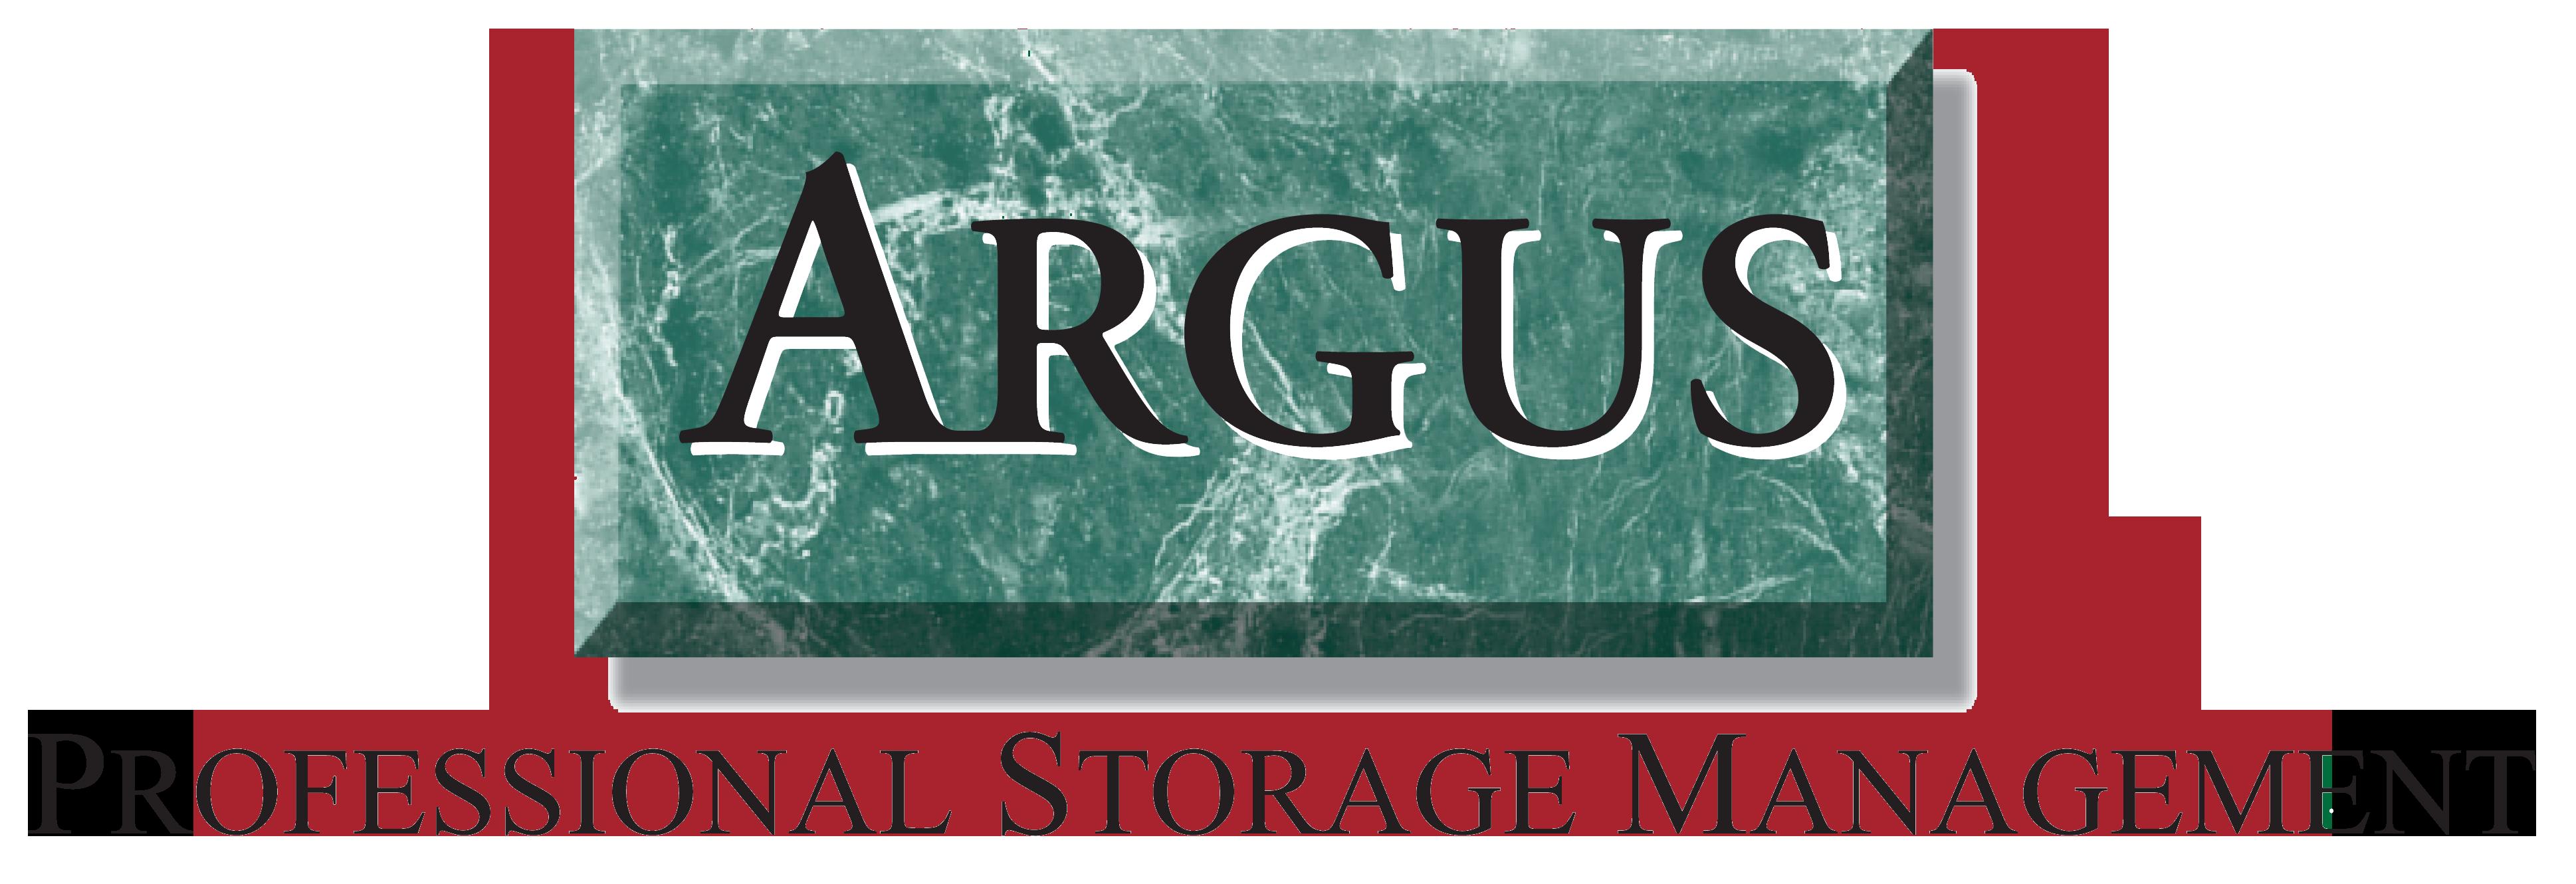 Argus Professional Storage Management Locations Argus